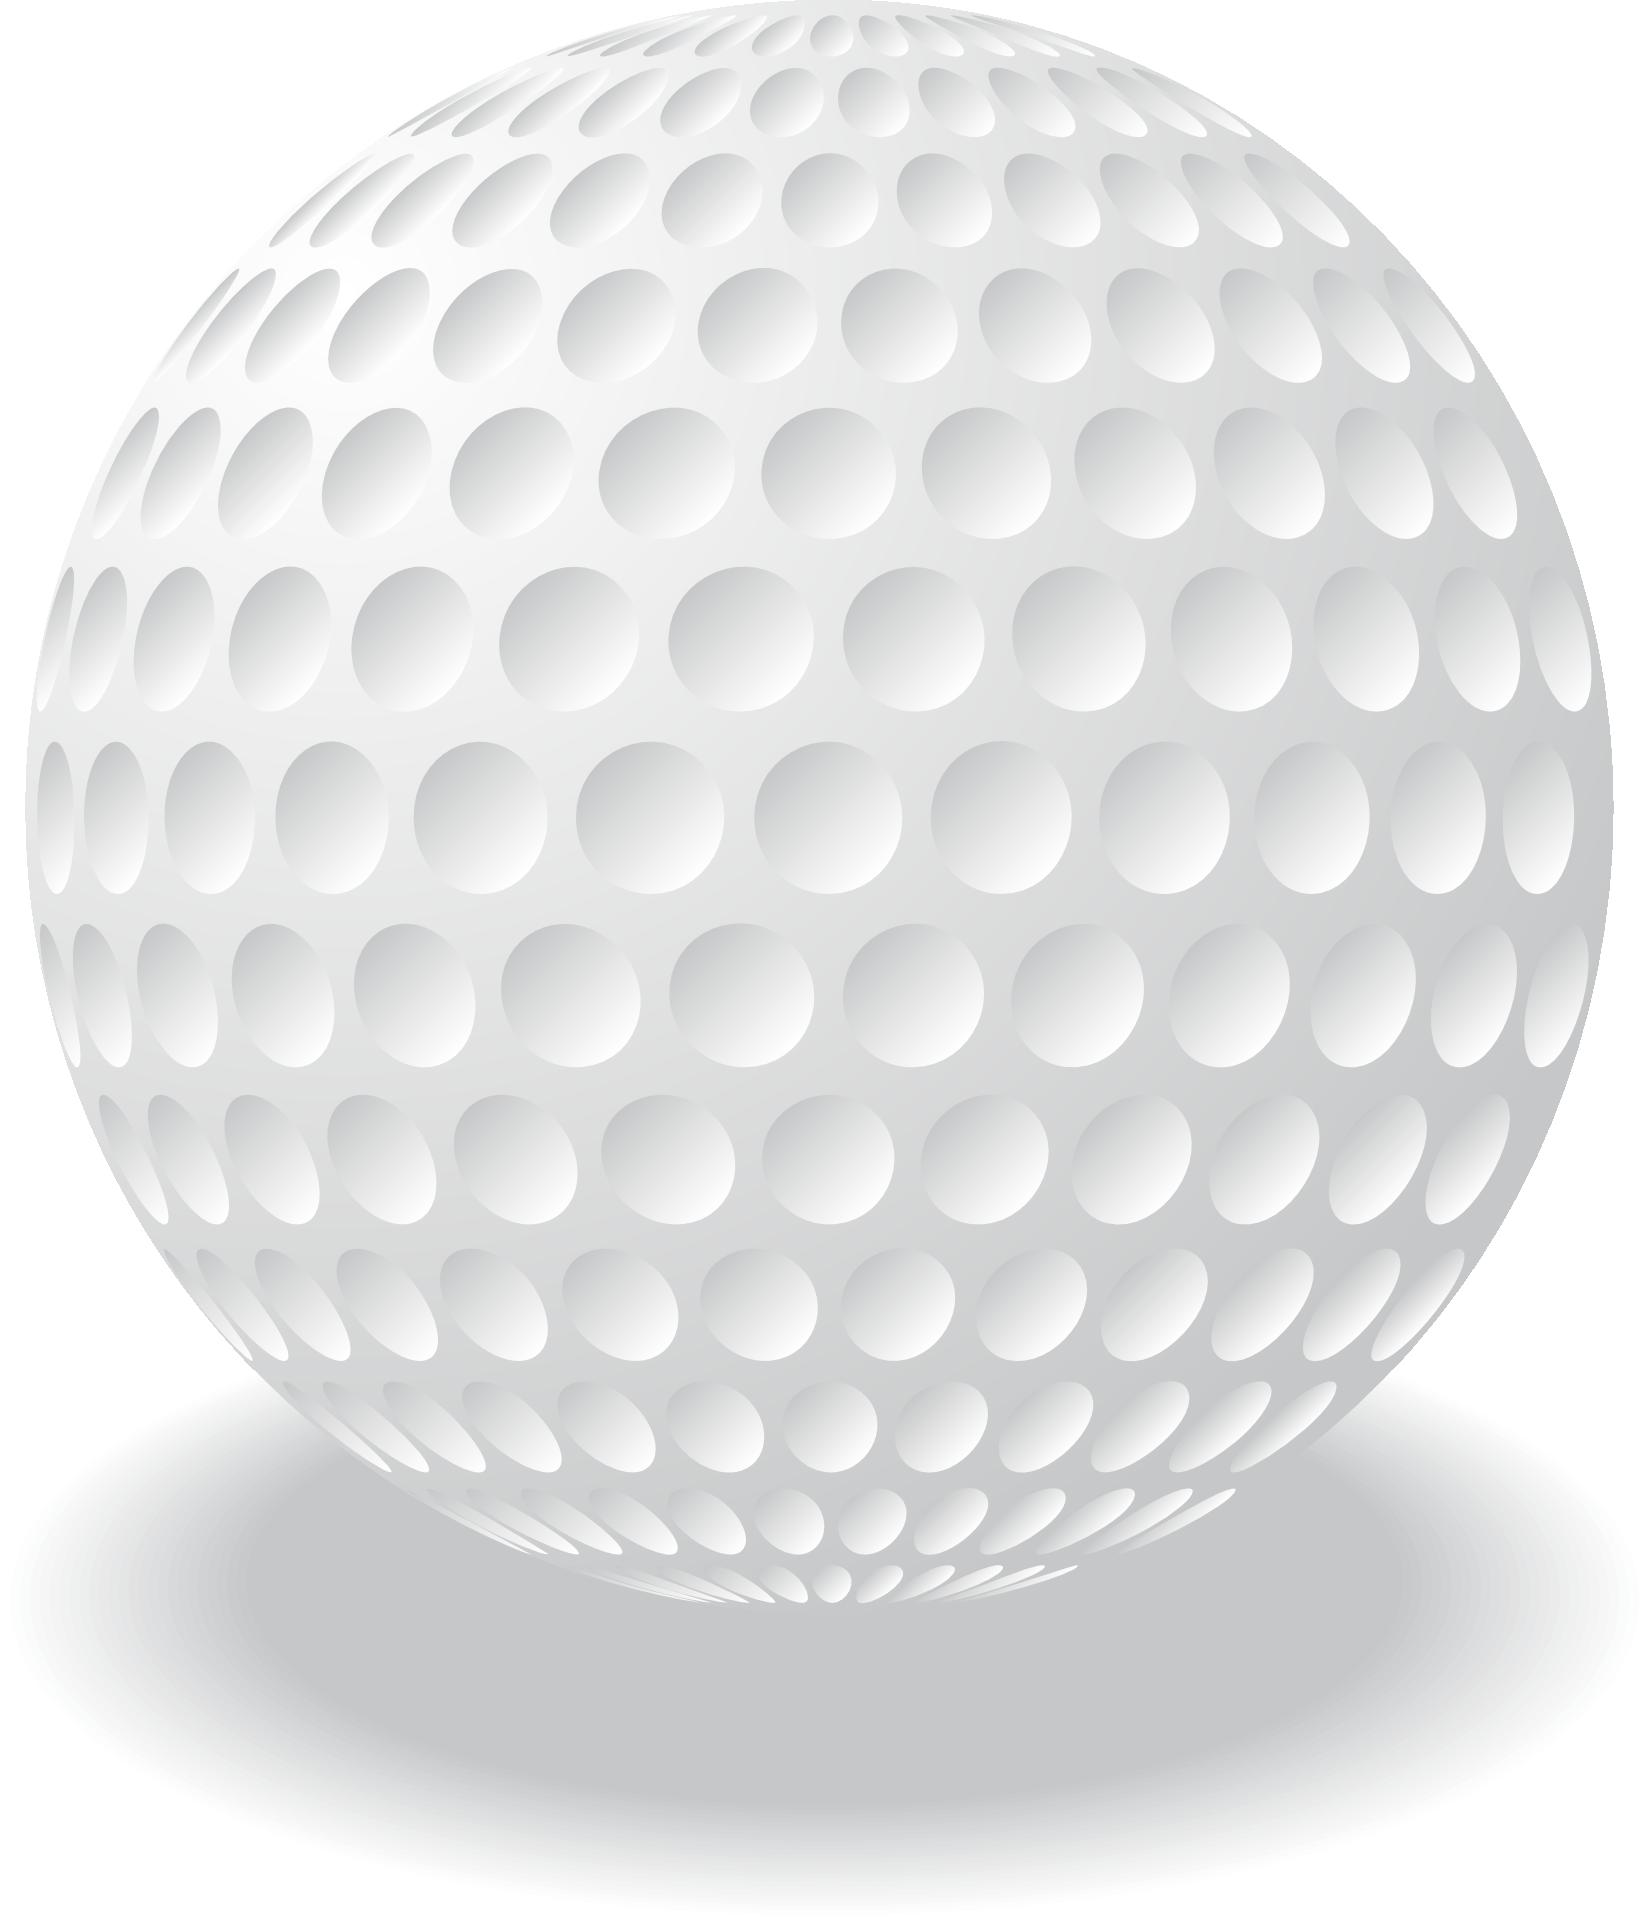 White Golf Ball Vecto